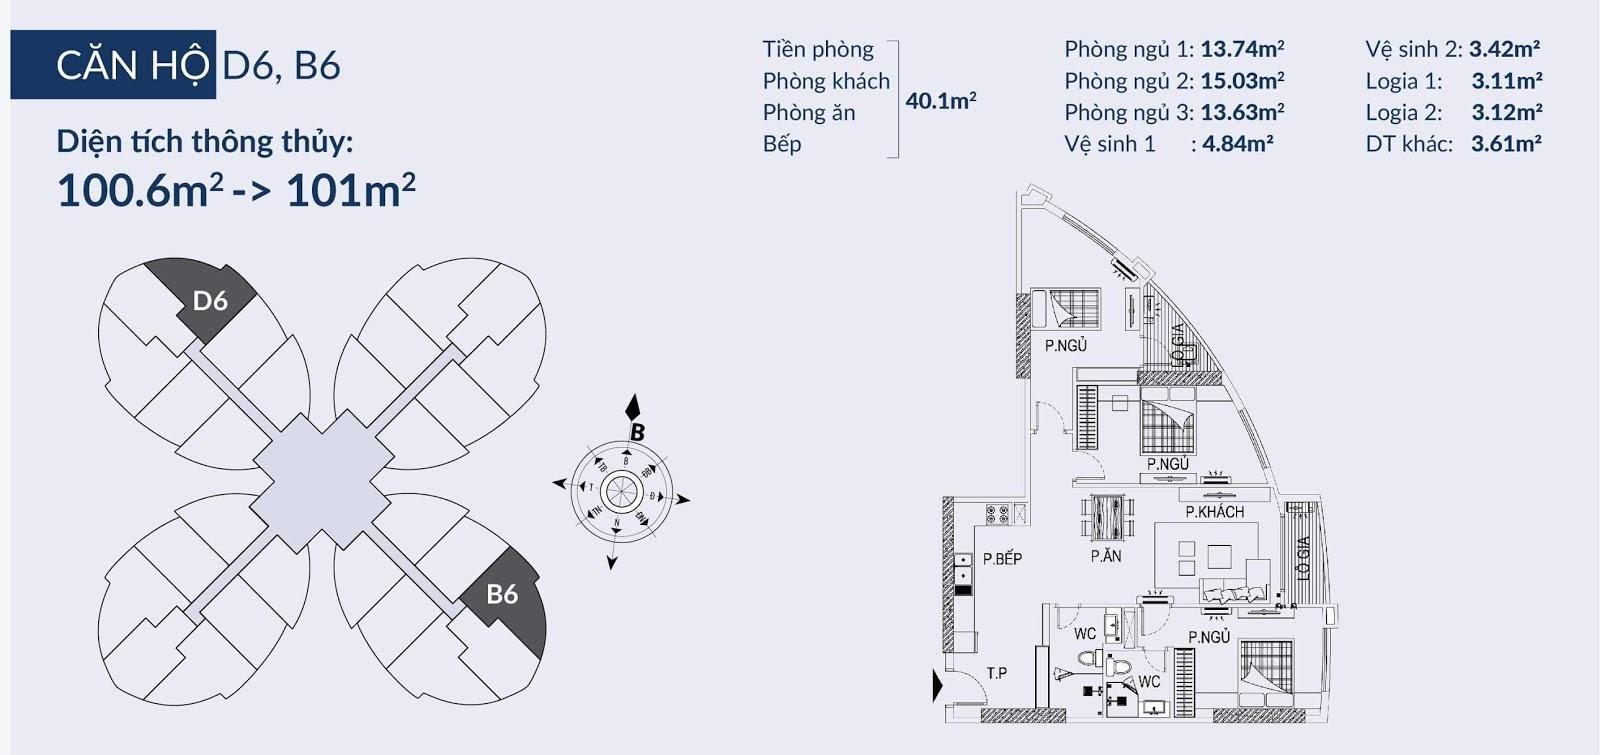 Chi tiết căn D6 B6 dự án chung cư Sky View Plaza Giải Phóng